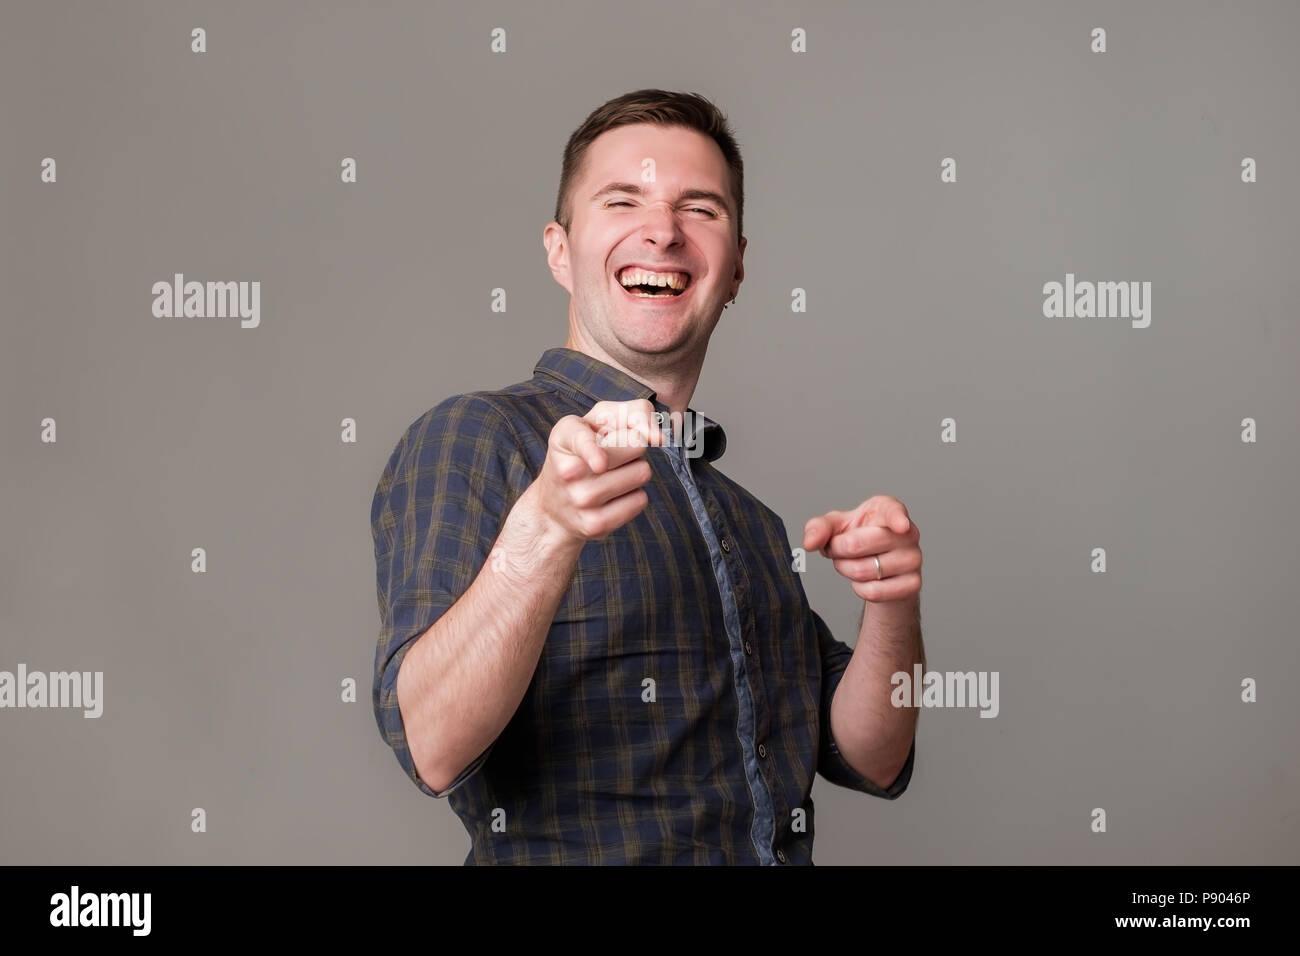 Schön aufgeregt europäischen jungen Mann lächelnd Pointing Finger auf Sie. Stockbild